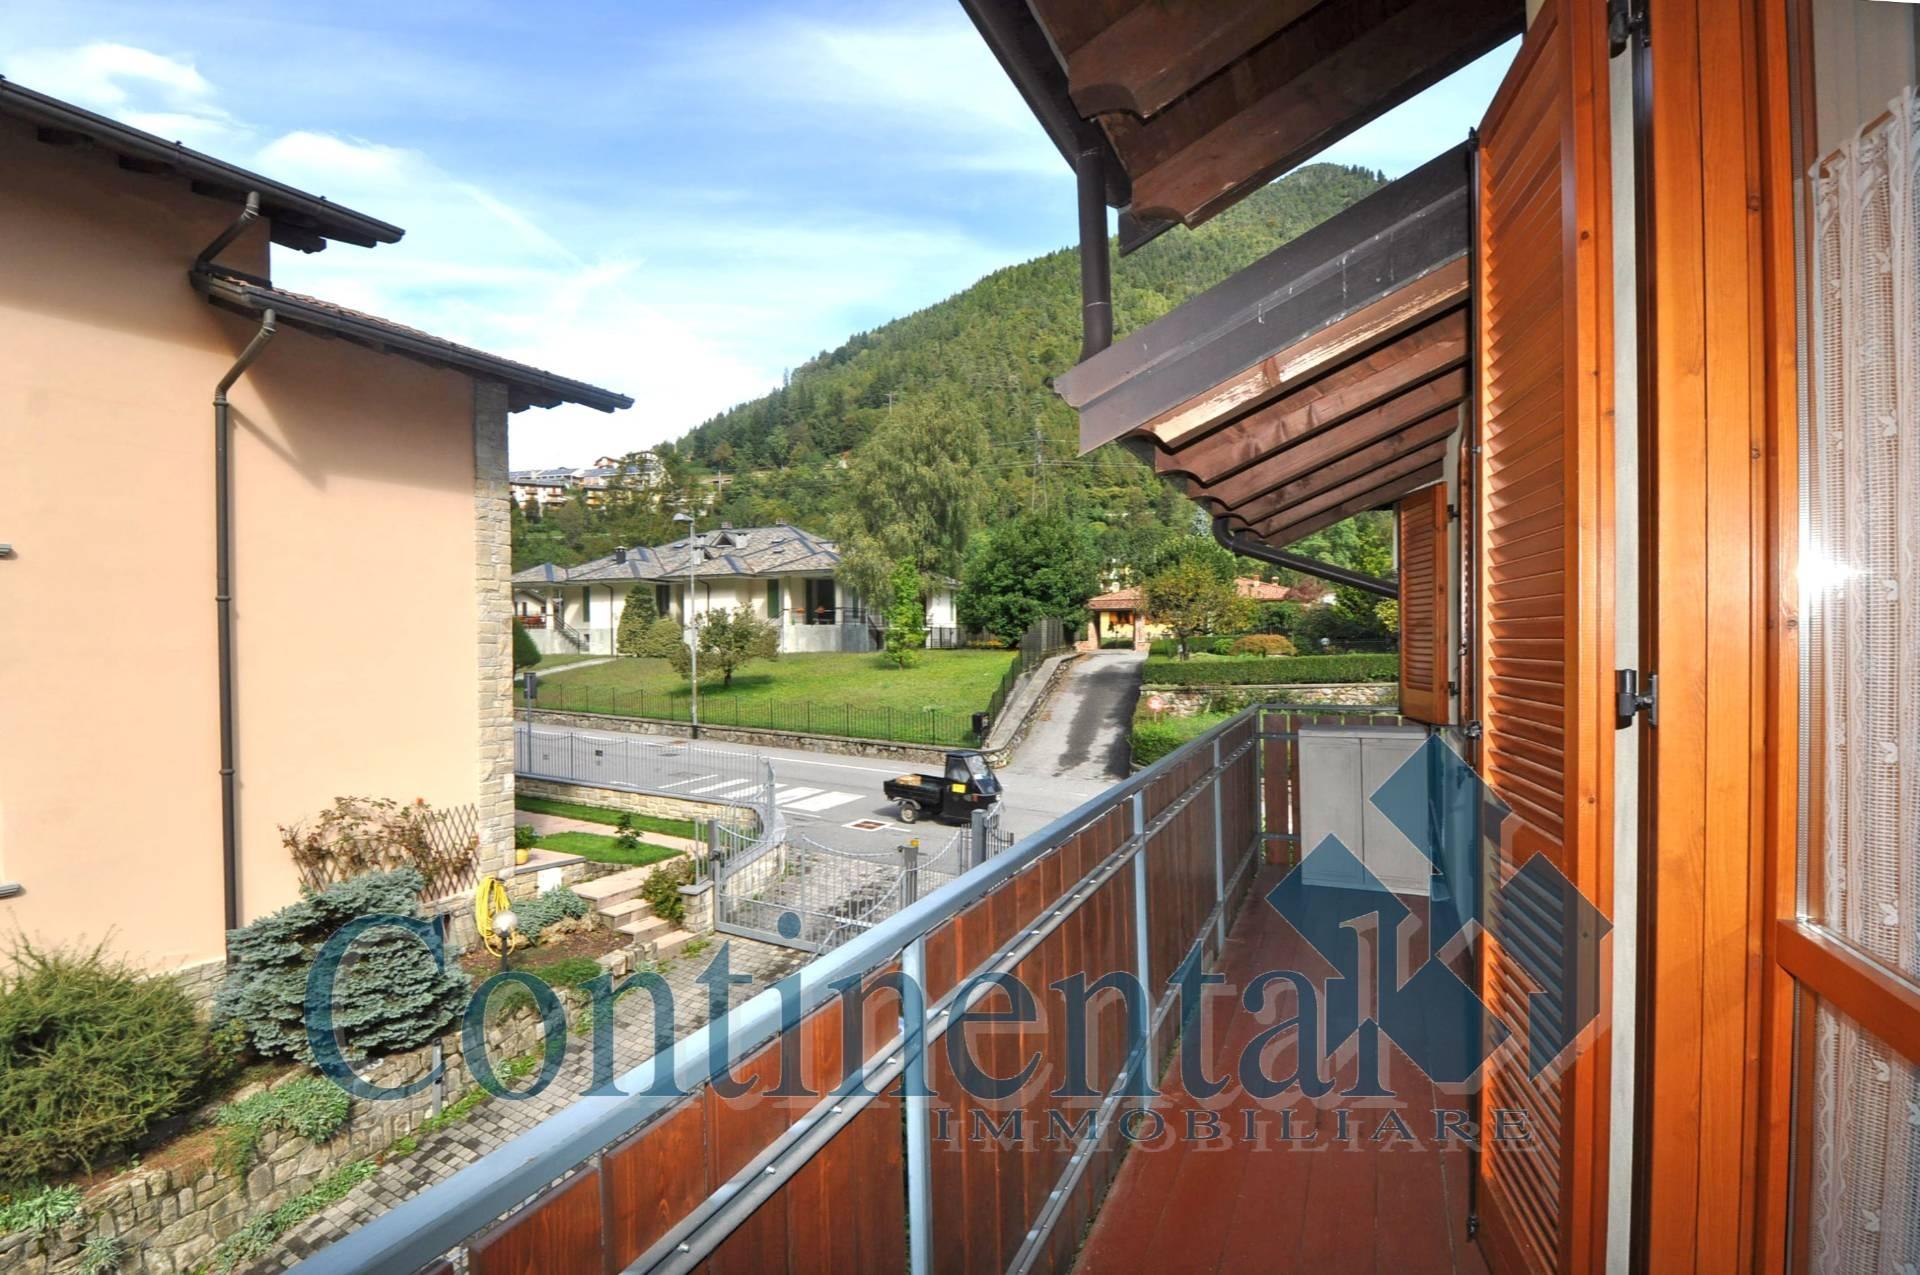 Appartamento in vendita a Lenna, 3 locali, prezzo € 59.900 | PortaleAgenzieImmobiliari.it